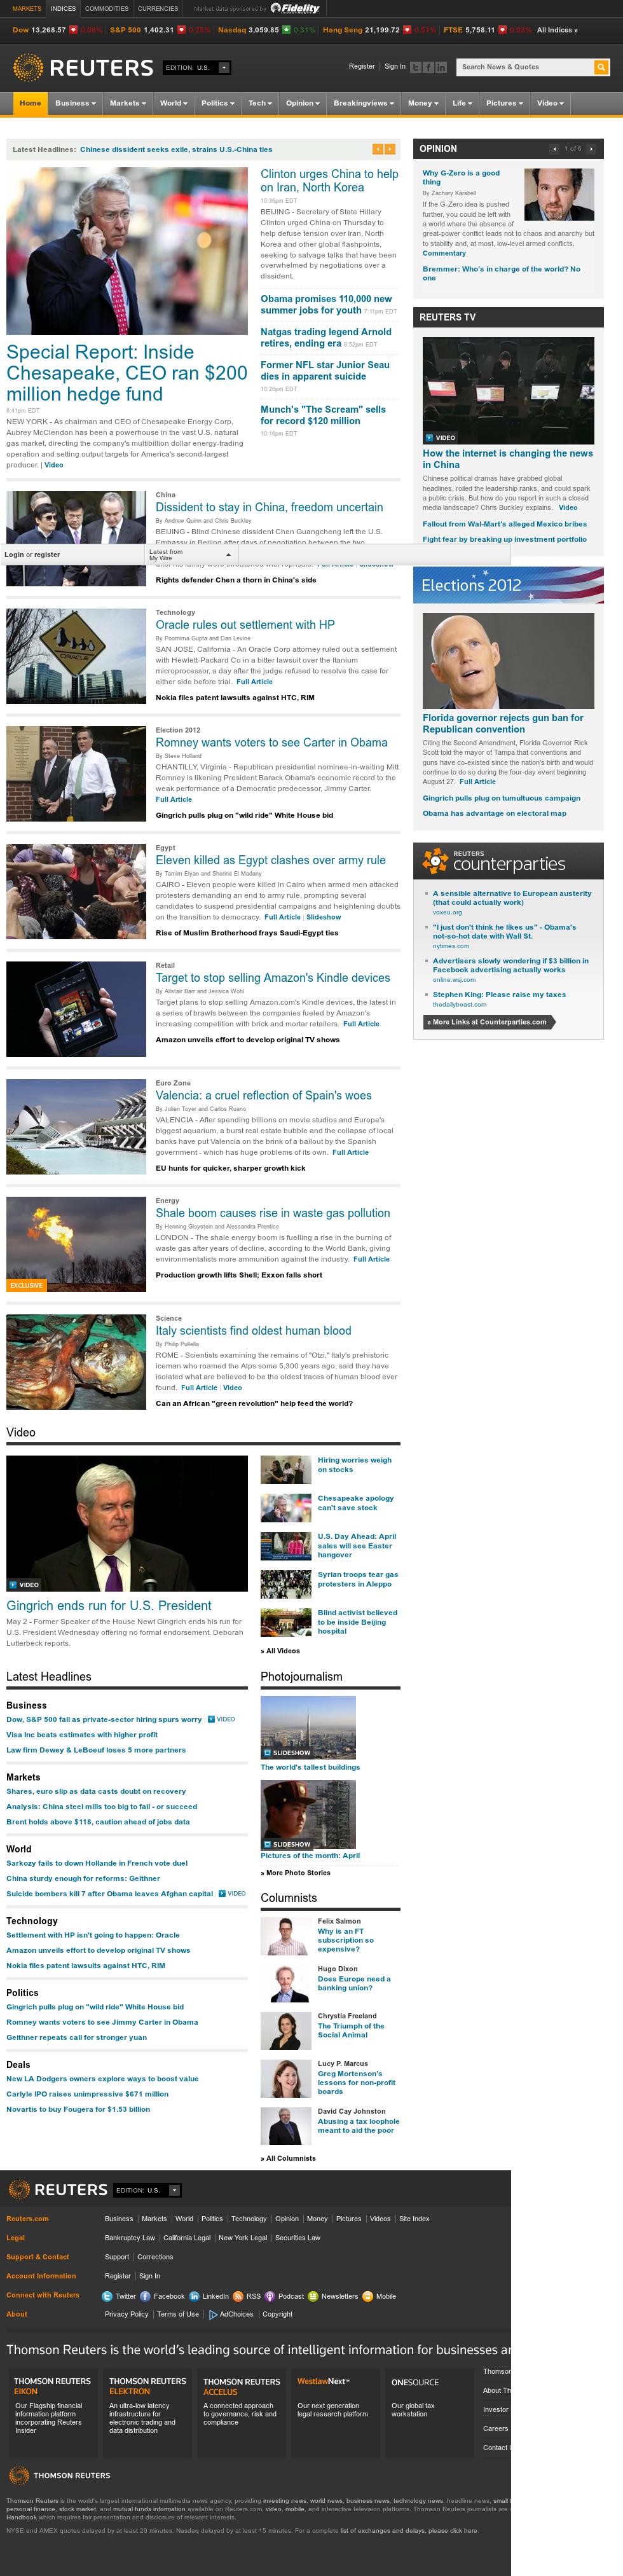 Reuters at Thursday May 3, 2012, 3:10 a.m. UTC